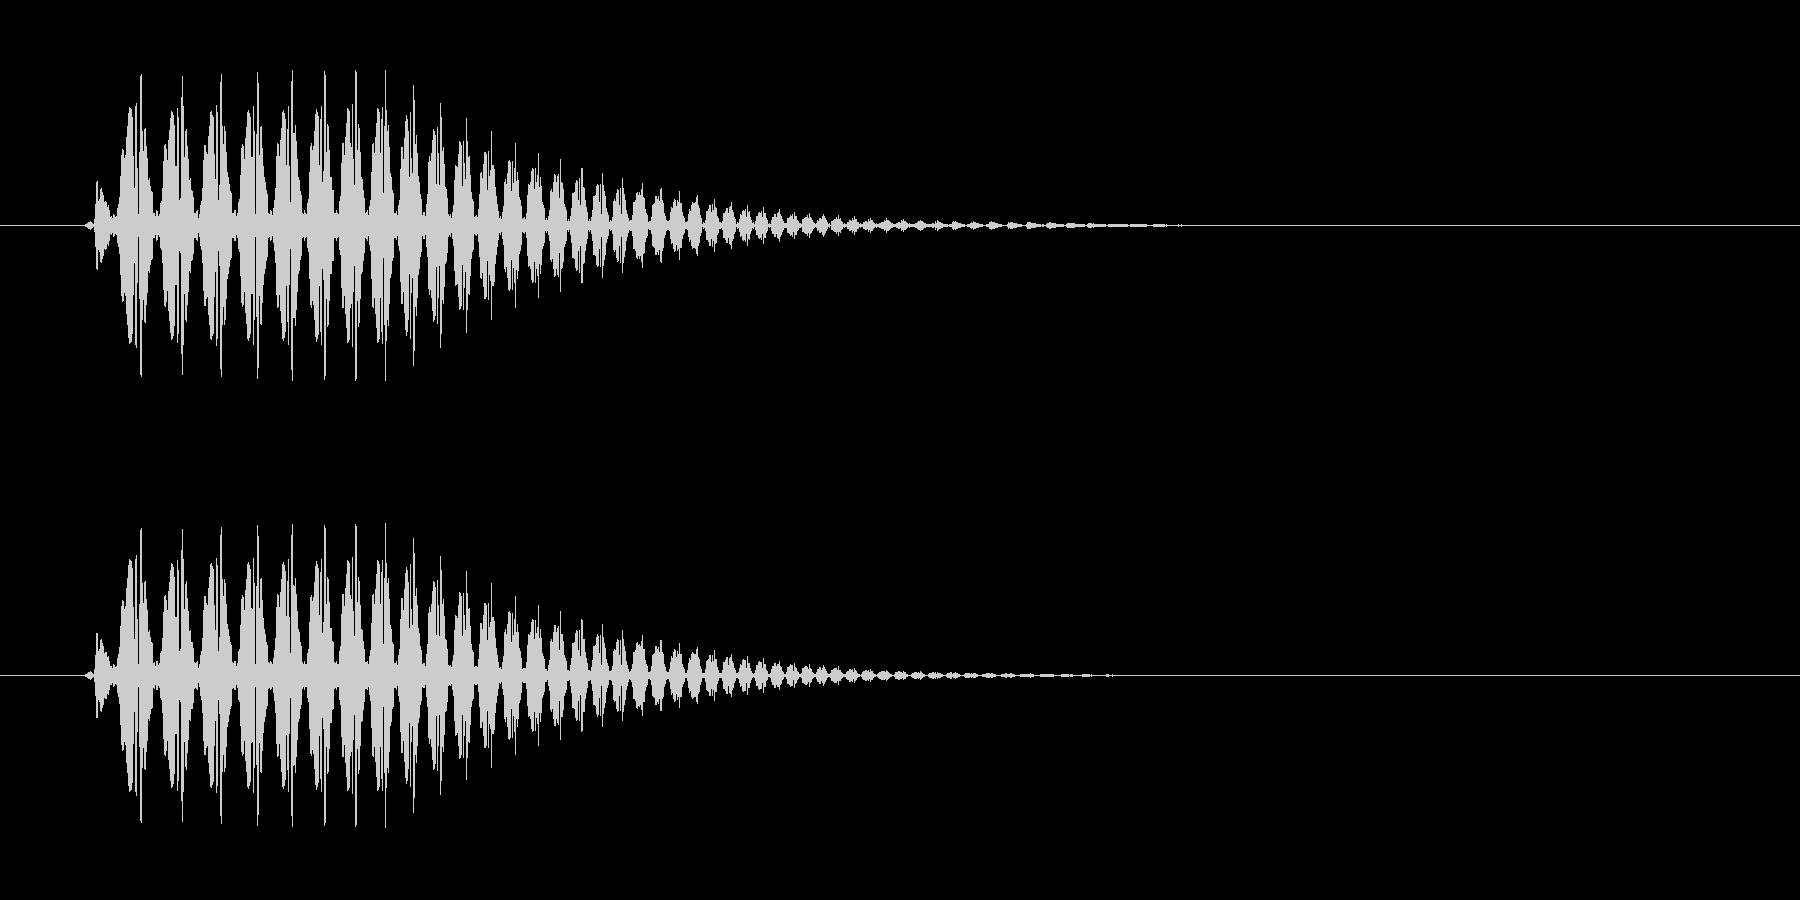 短く豚が鳴いているような音の未再生の波形